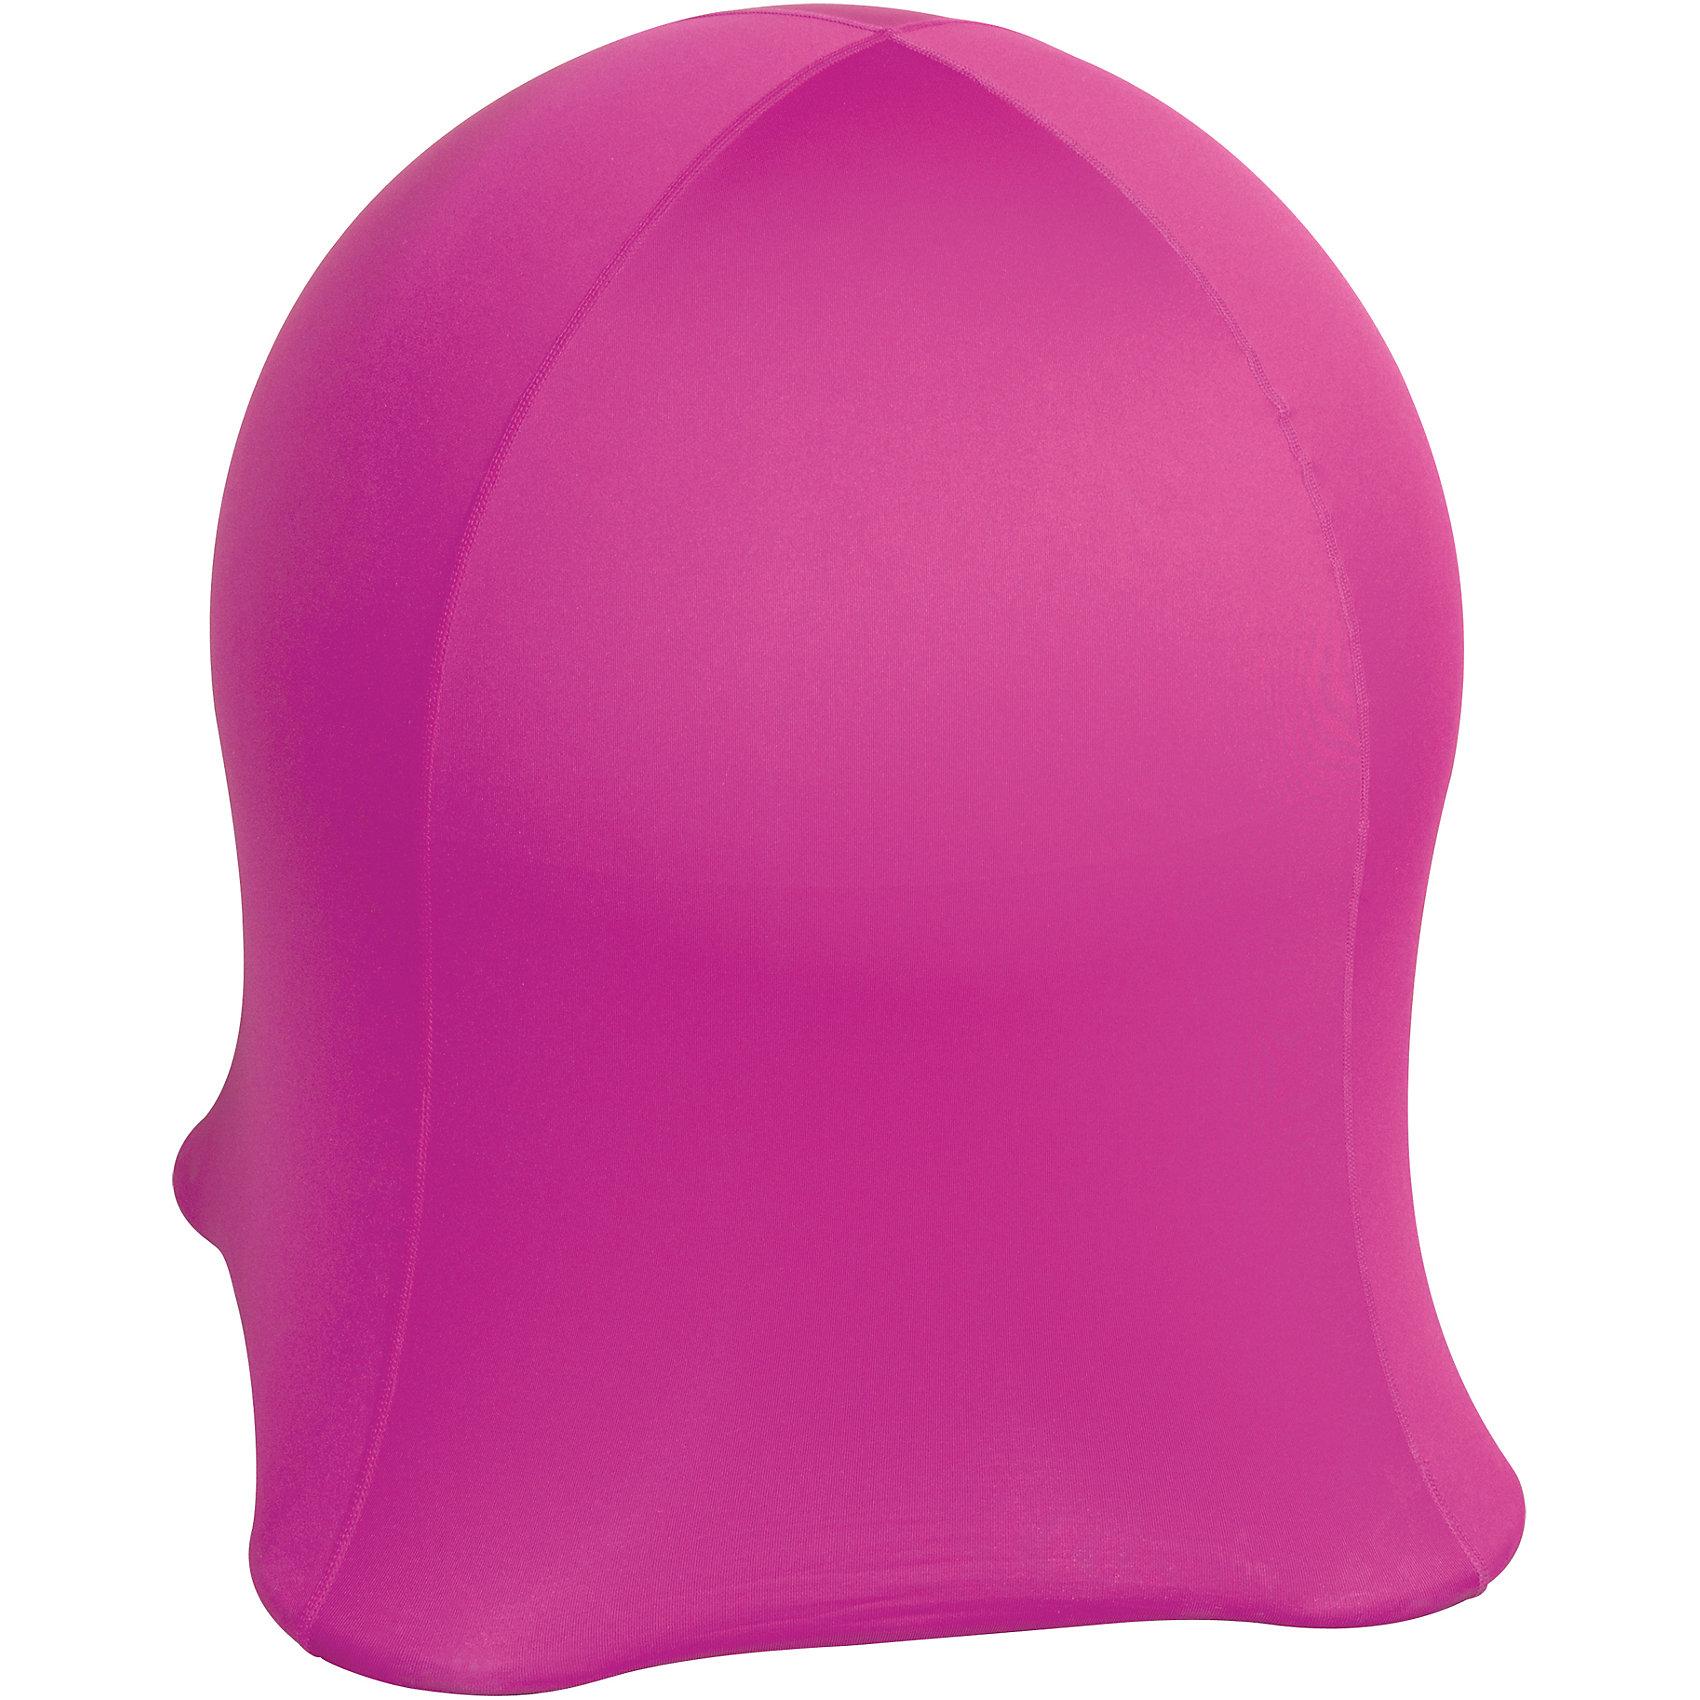 Пурпурный пуф Медуза 47*47*52,5 смПурпурный пуф Медуза 47*47*52,5 см – великолепное сочетание гимнастического шара и дизайнерского пуфика. Пуфик имеет надежный металлический каркас, что придает ему достаточную устойчивость, в тоже время, фитбол внутри конструкции при сидении принимает форму тела и поддерживает в тонусе мышцы спины и живота. Пуф гораздо мобильнее традиционной мебели, чехол к нему прочный и легко стирается.<br><br>Комплектация: пуф, насос, инструкция по сборке и насос<br><br>Дополнительная информация:<br>-Материалы: шар ПВХ, чехол спандекс 100%, каркас – сталь<br>-Вес в упаковке: 4,3 кг<br>-Размер пуфа:  47х47х52,5 см<br><br>Яркий пуф Медуза легко принимает форму Вашего тела, дарит фантастические ощущения релаксации! <br><br>Пурпурный пуф Медуза 47*47*52,5 см можно купить в нашем магазине.<br><br>Ширина мм: 490<br>Глубина мм: 490<br>Высота мм: 150<br>Вес г: 4300<br>Возраст от месяцев: 12<br>Возраст до месяцев: 216<br>Пол: Женский<br>Возраст: Детский<br>SKU: 3982252